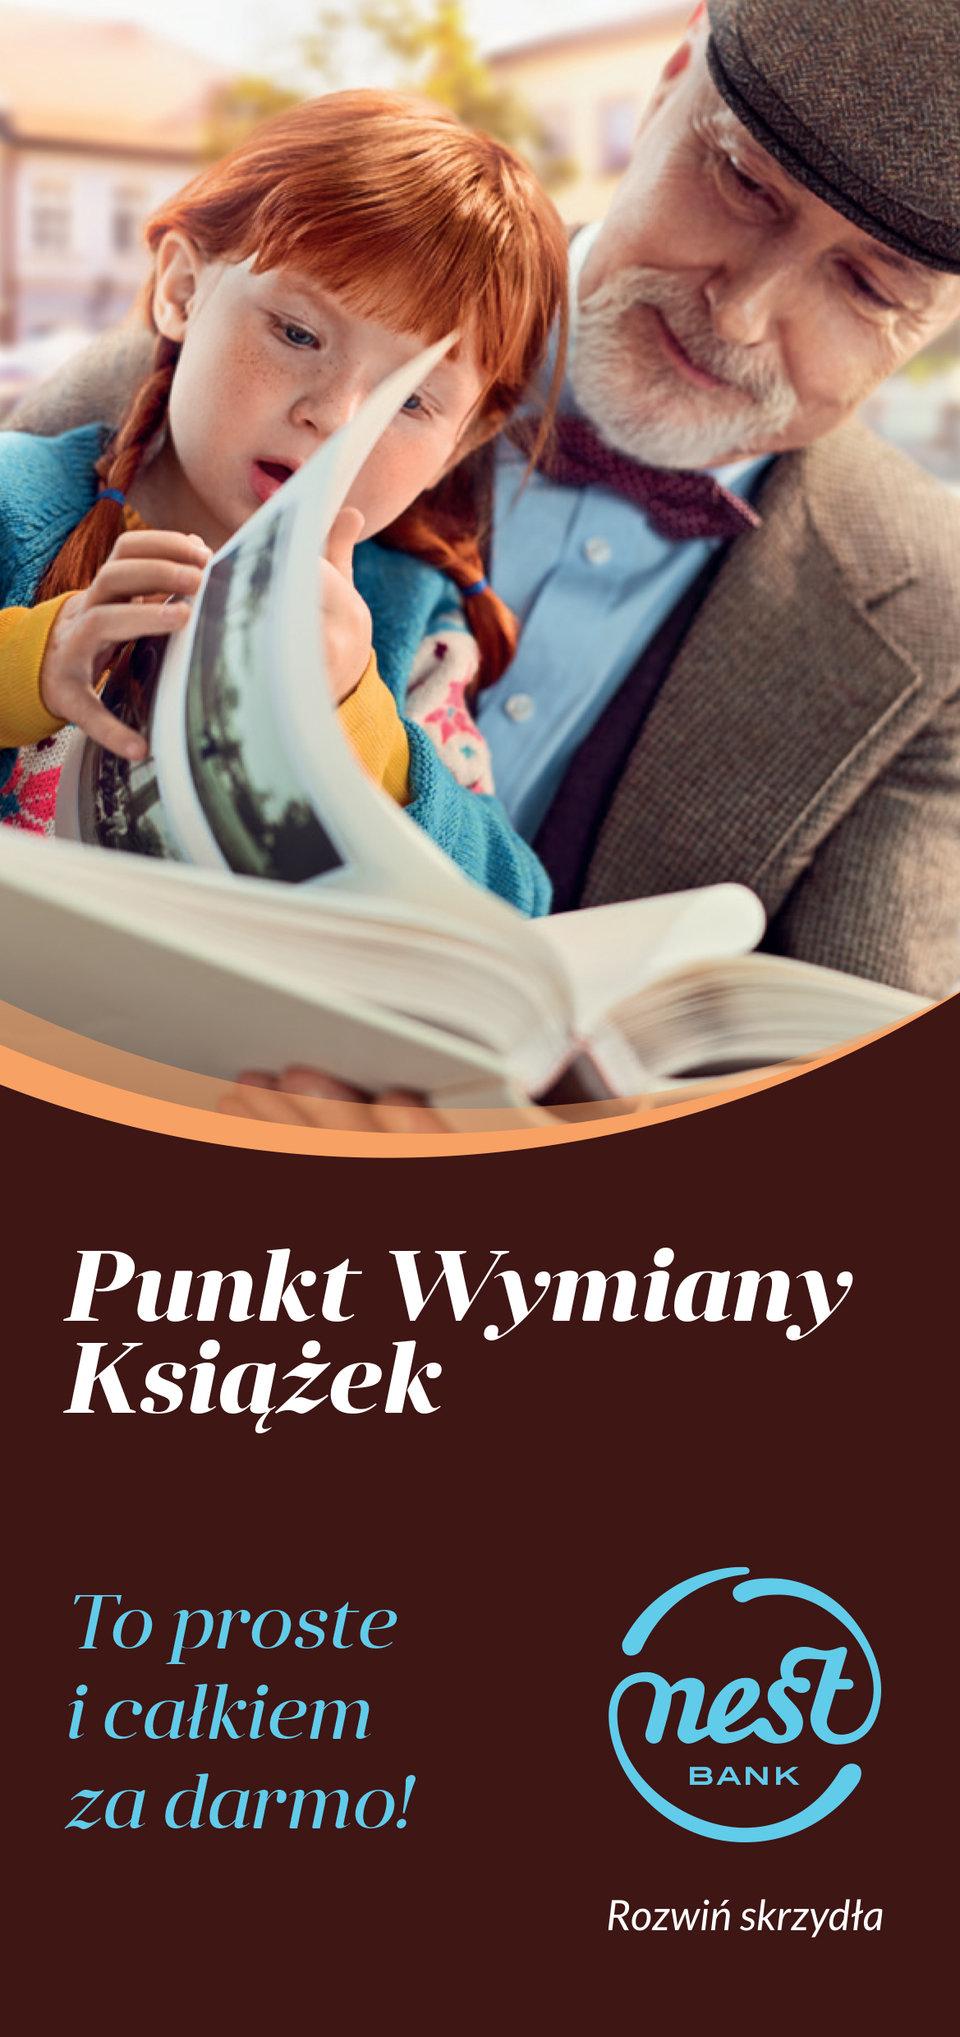 Nest Bank Punkt Wymiany Ksiazek_1.jpg